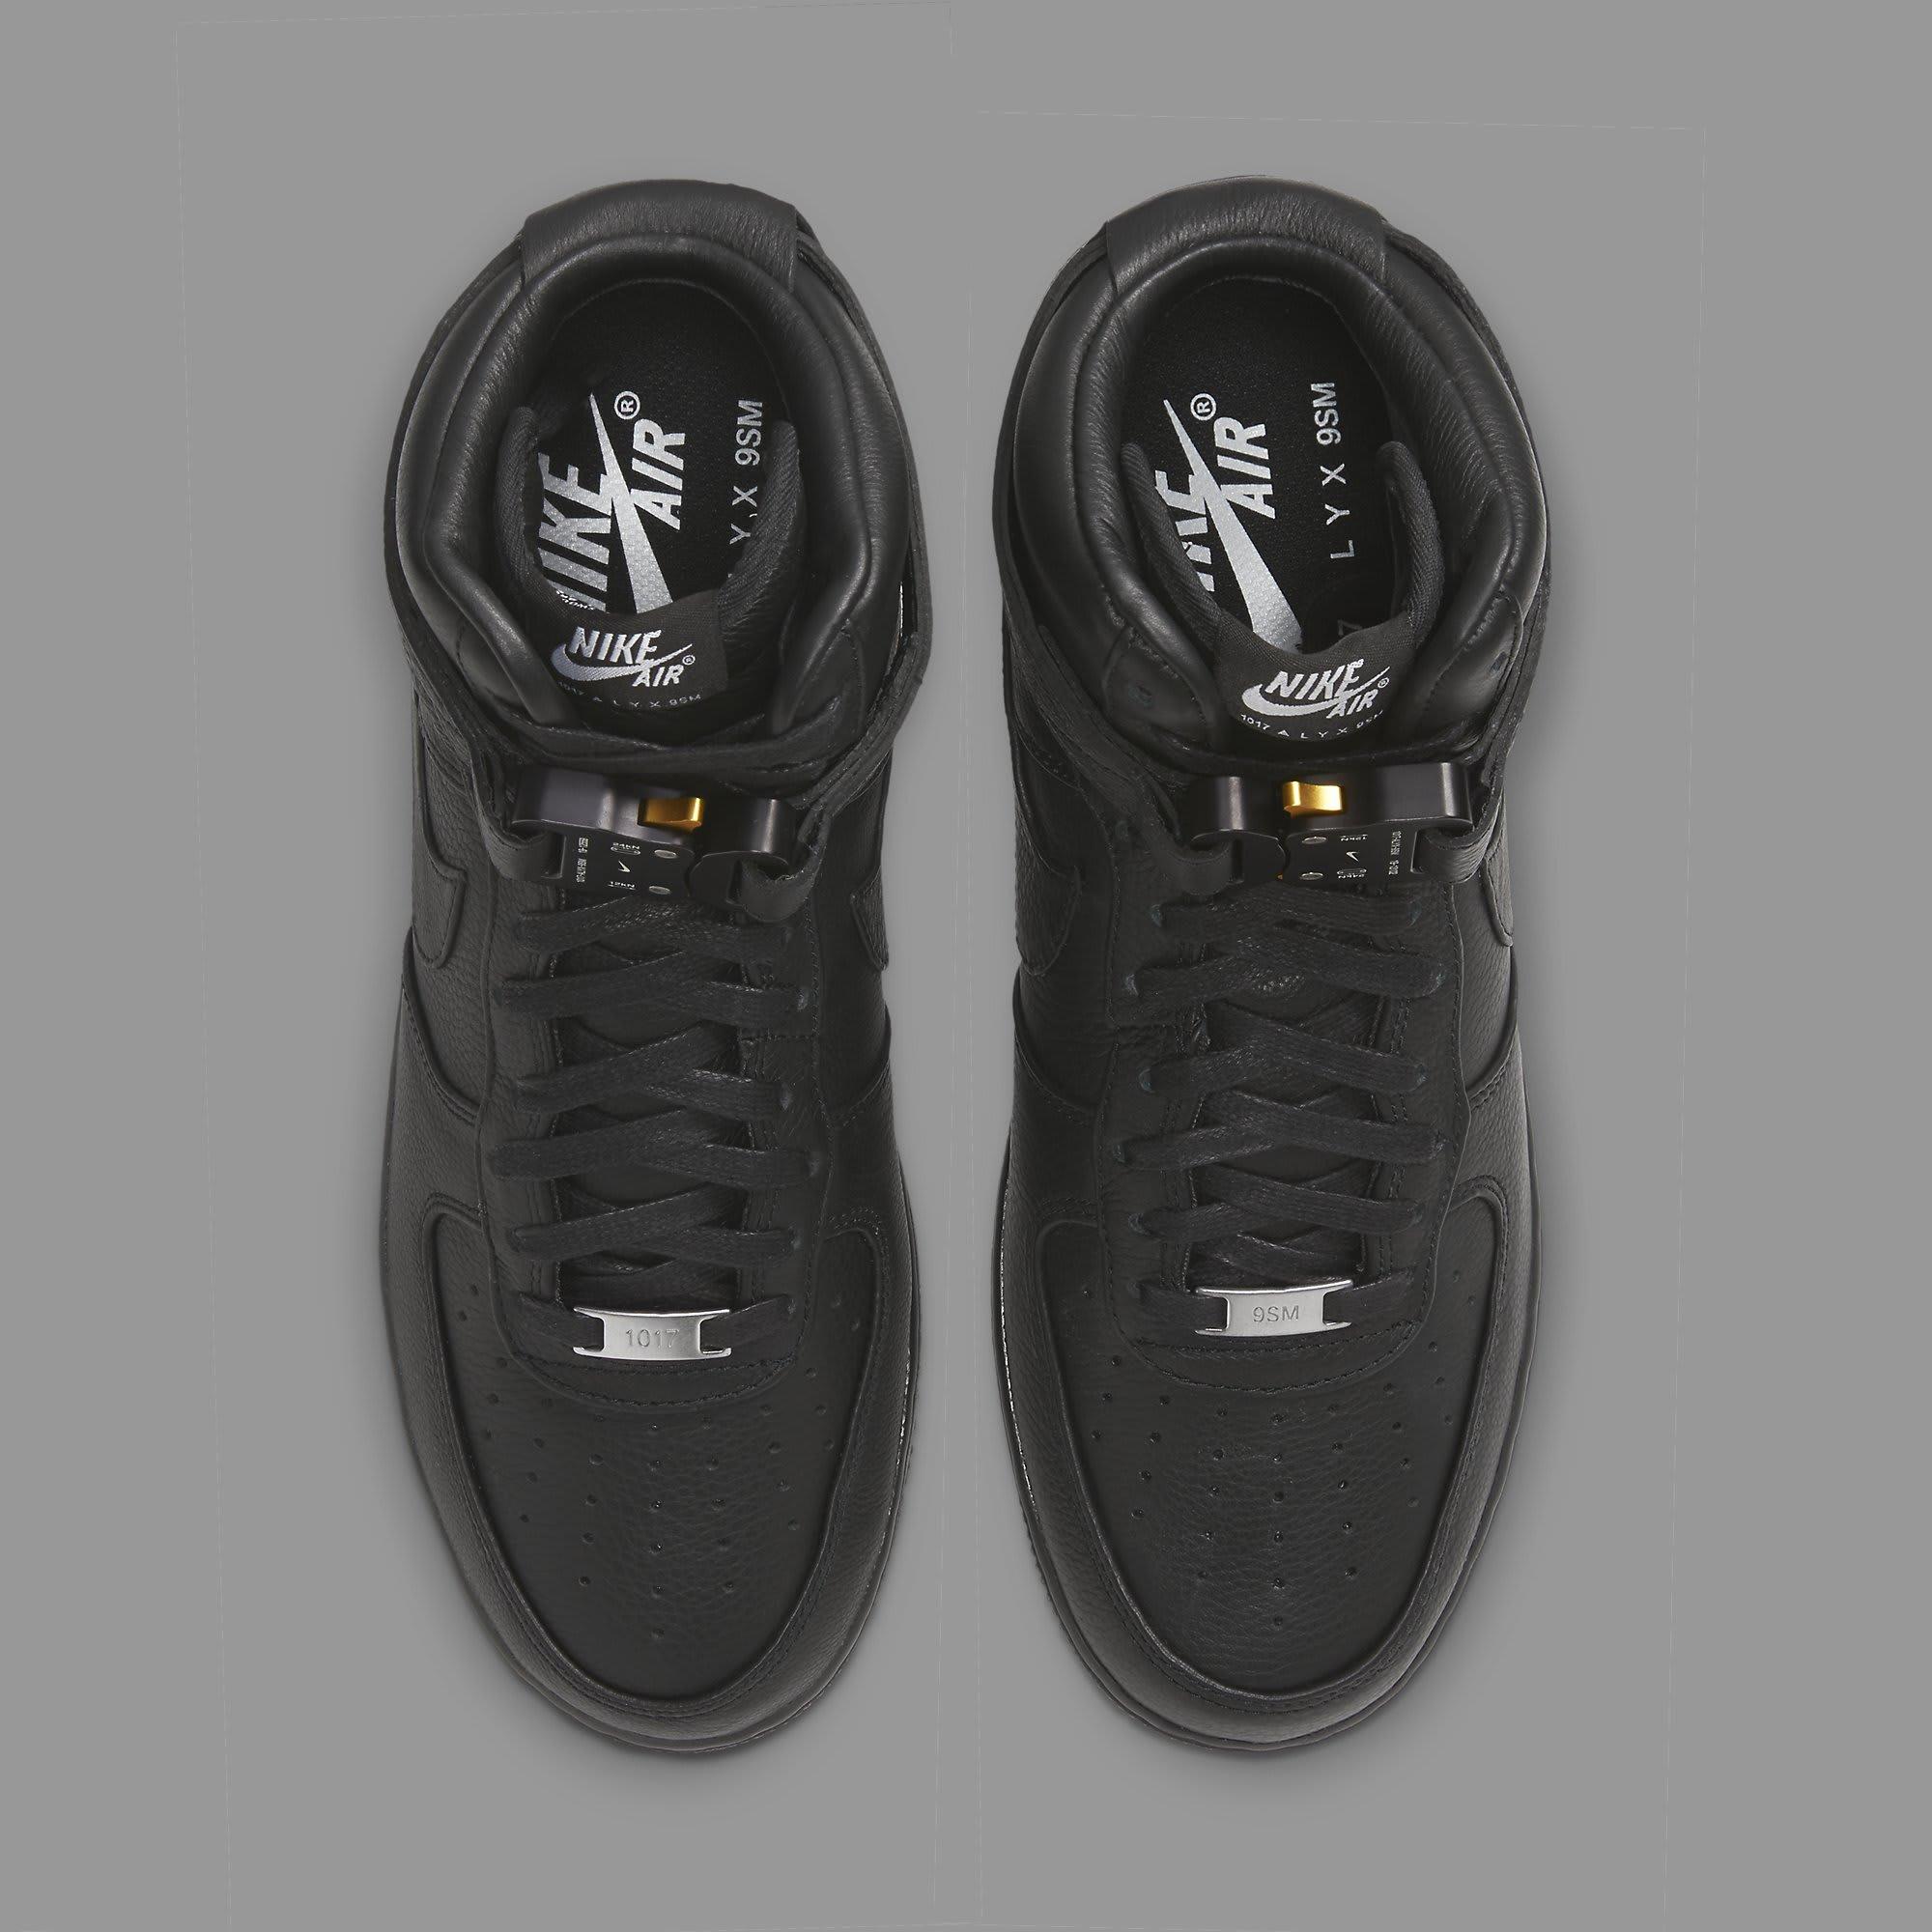 Alyx x Nike Air Force 1 High CQ4018-001 Top